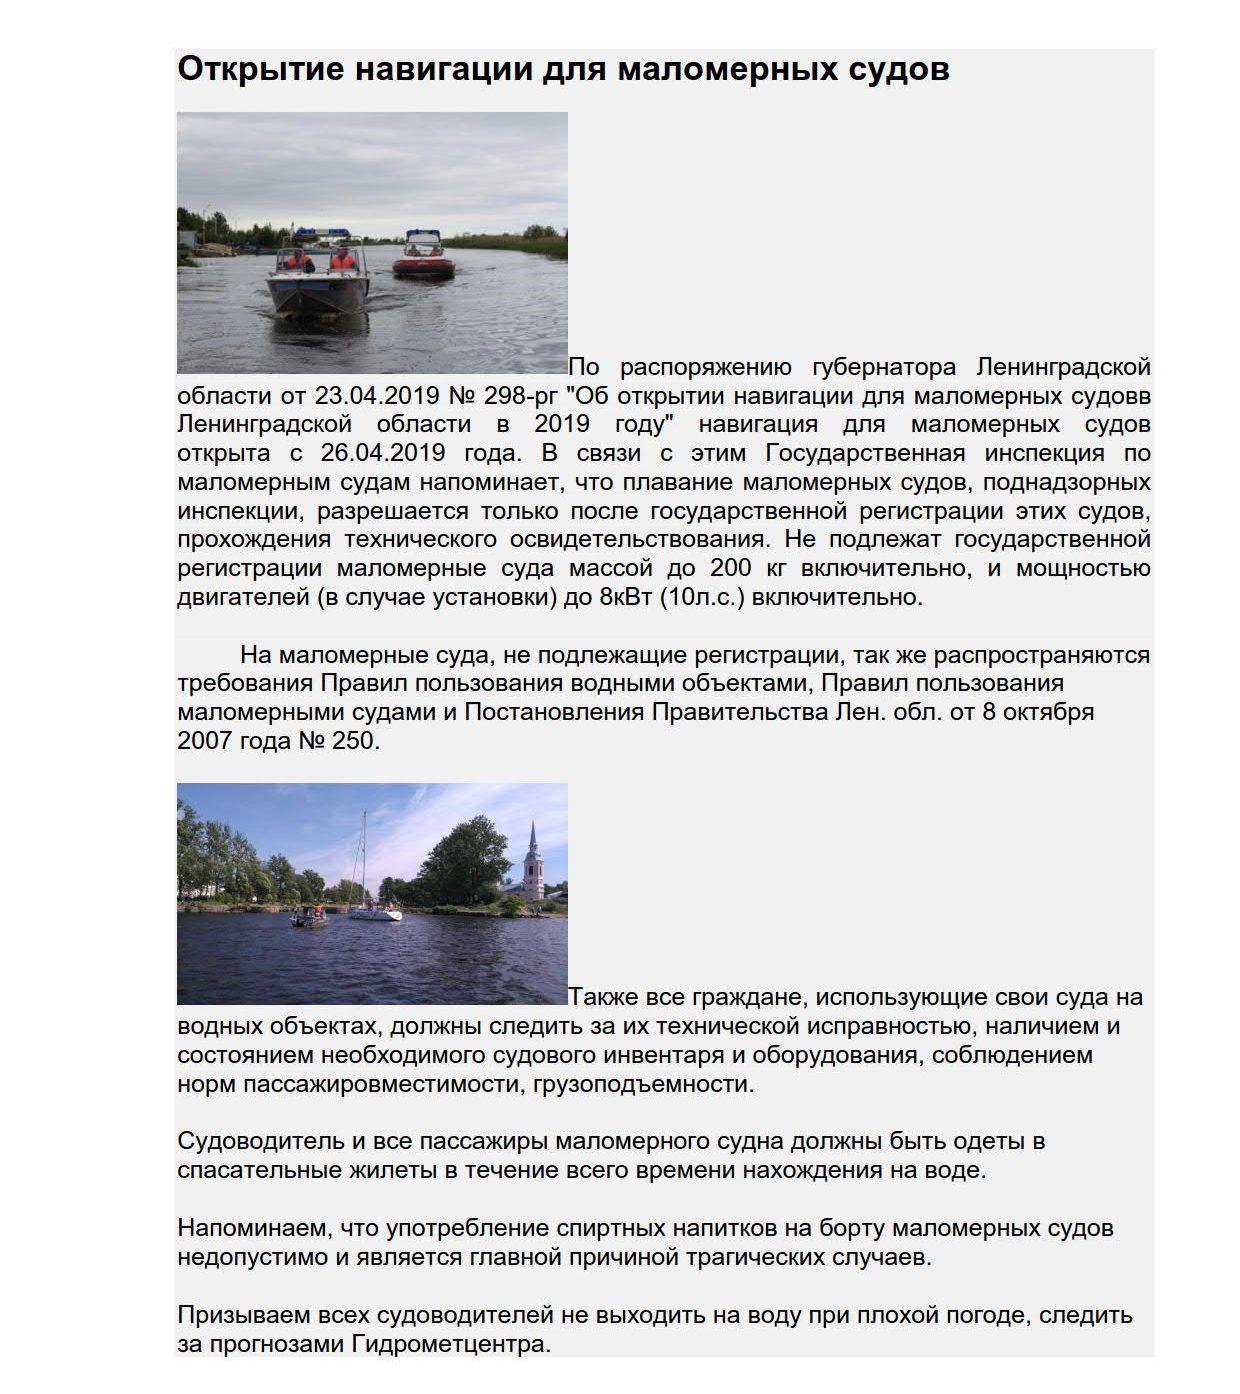 Открытие навигации для маломерных судов_1